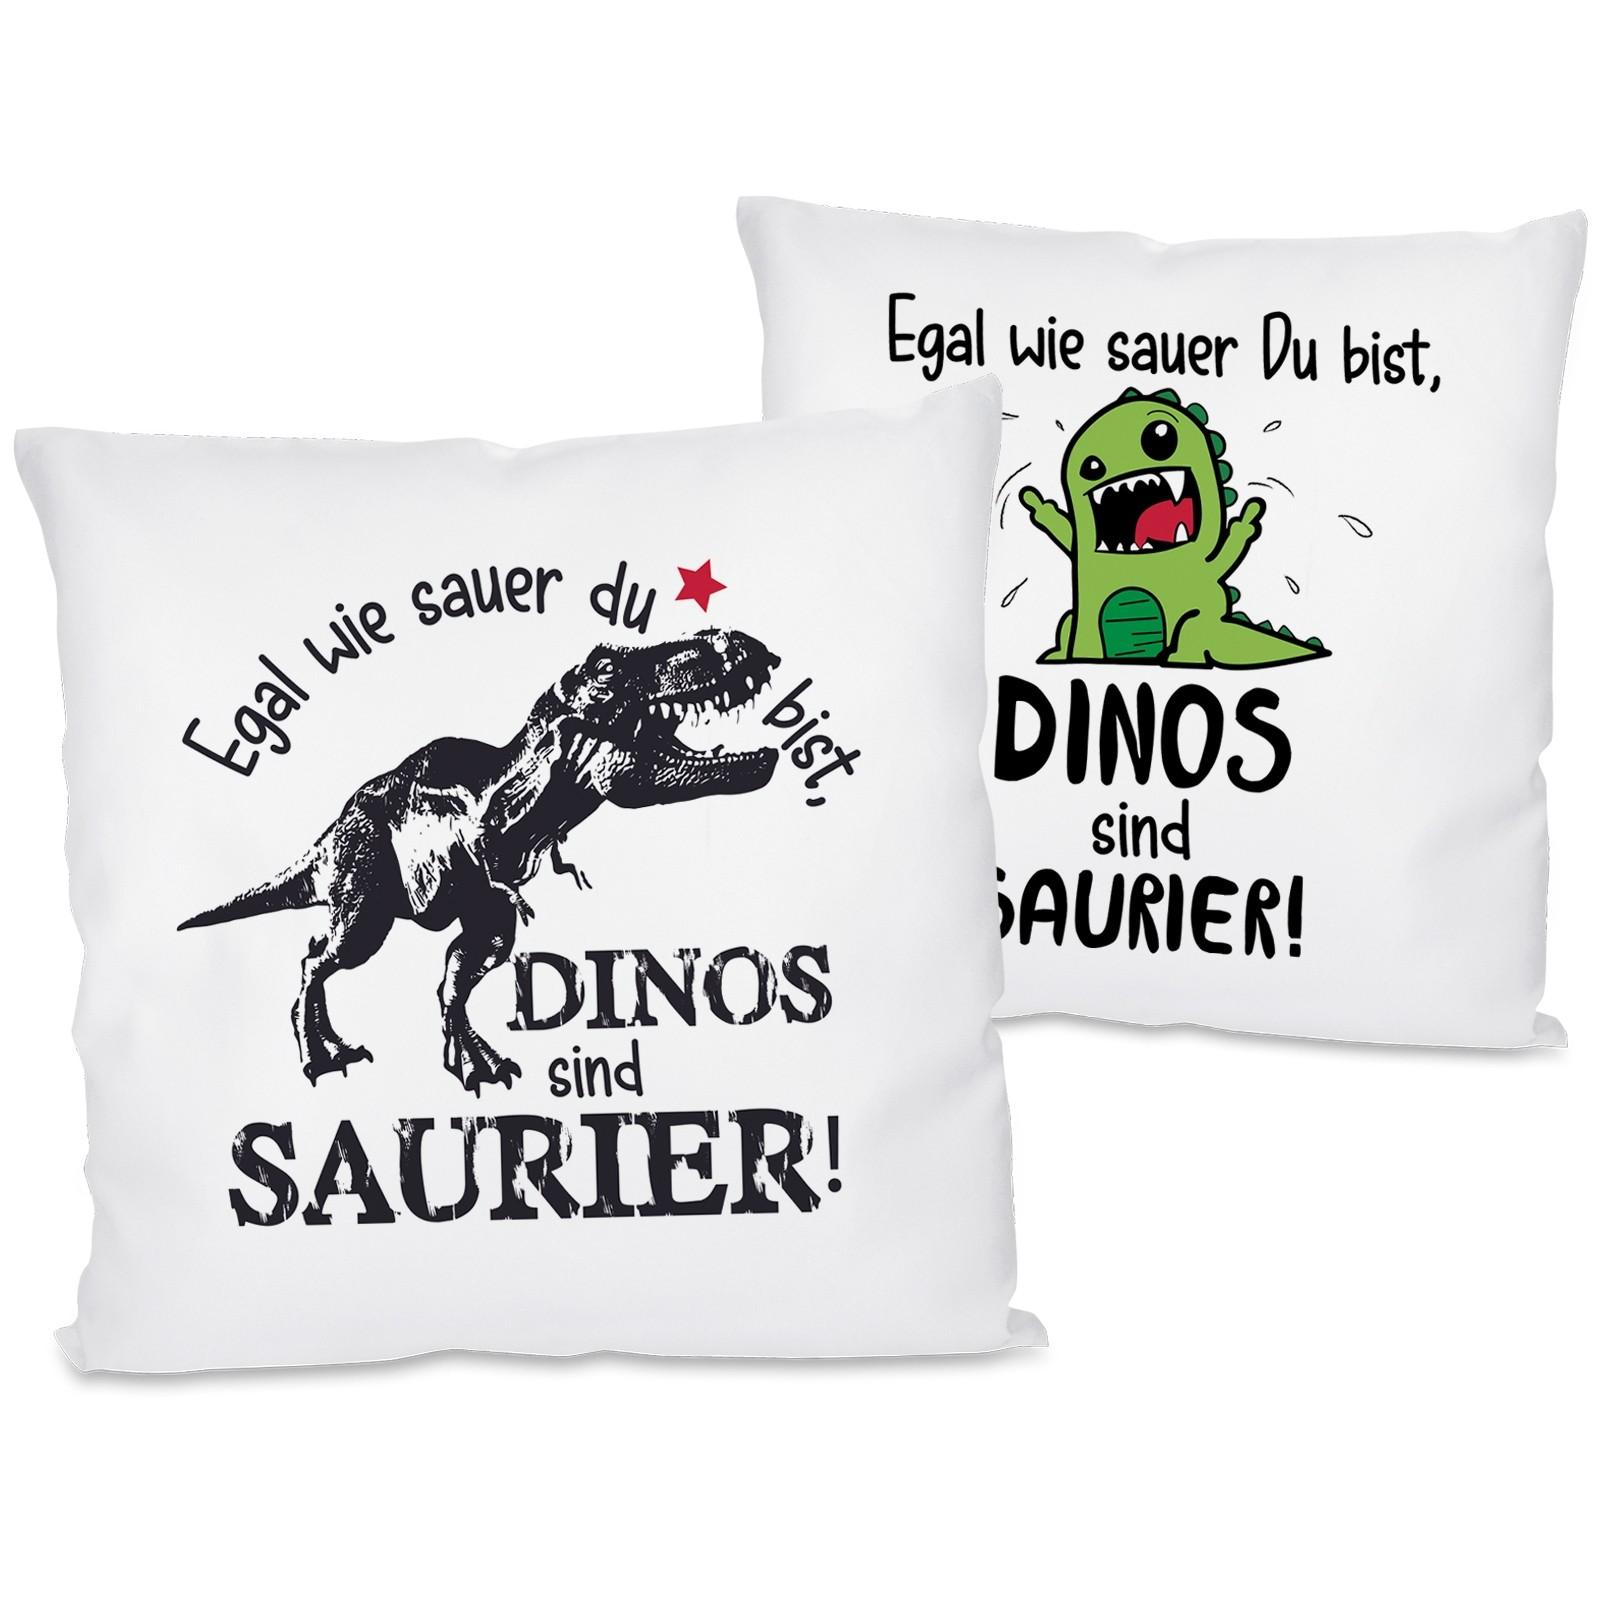 Kissen: Egal wie sauer Du bist, Dinos sind Saurier!